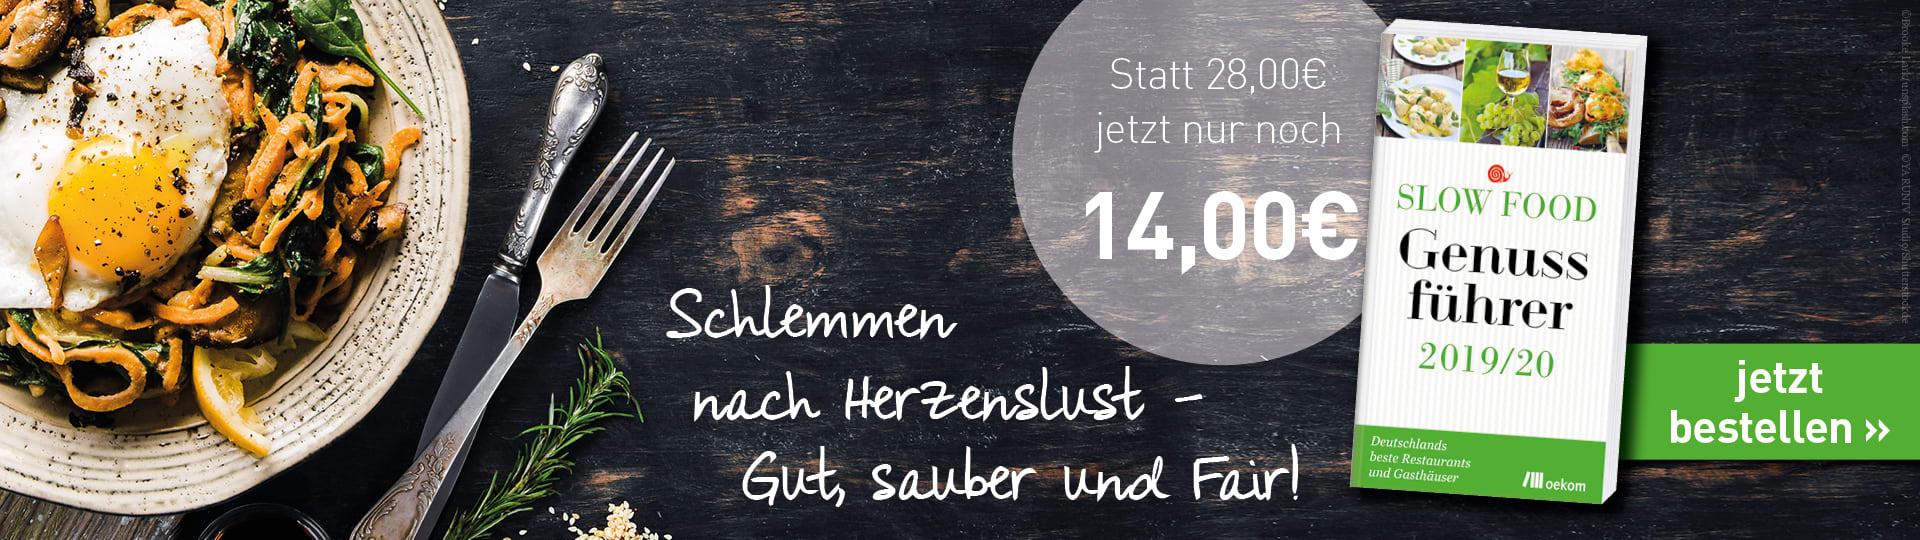 Werbebanner zum »Slow Food Genussführer 2019/20«